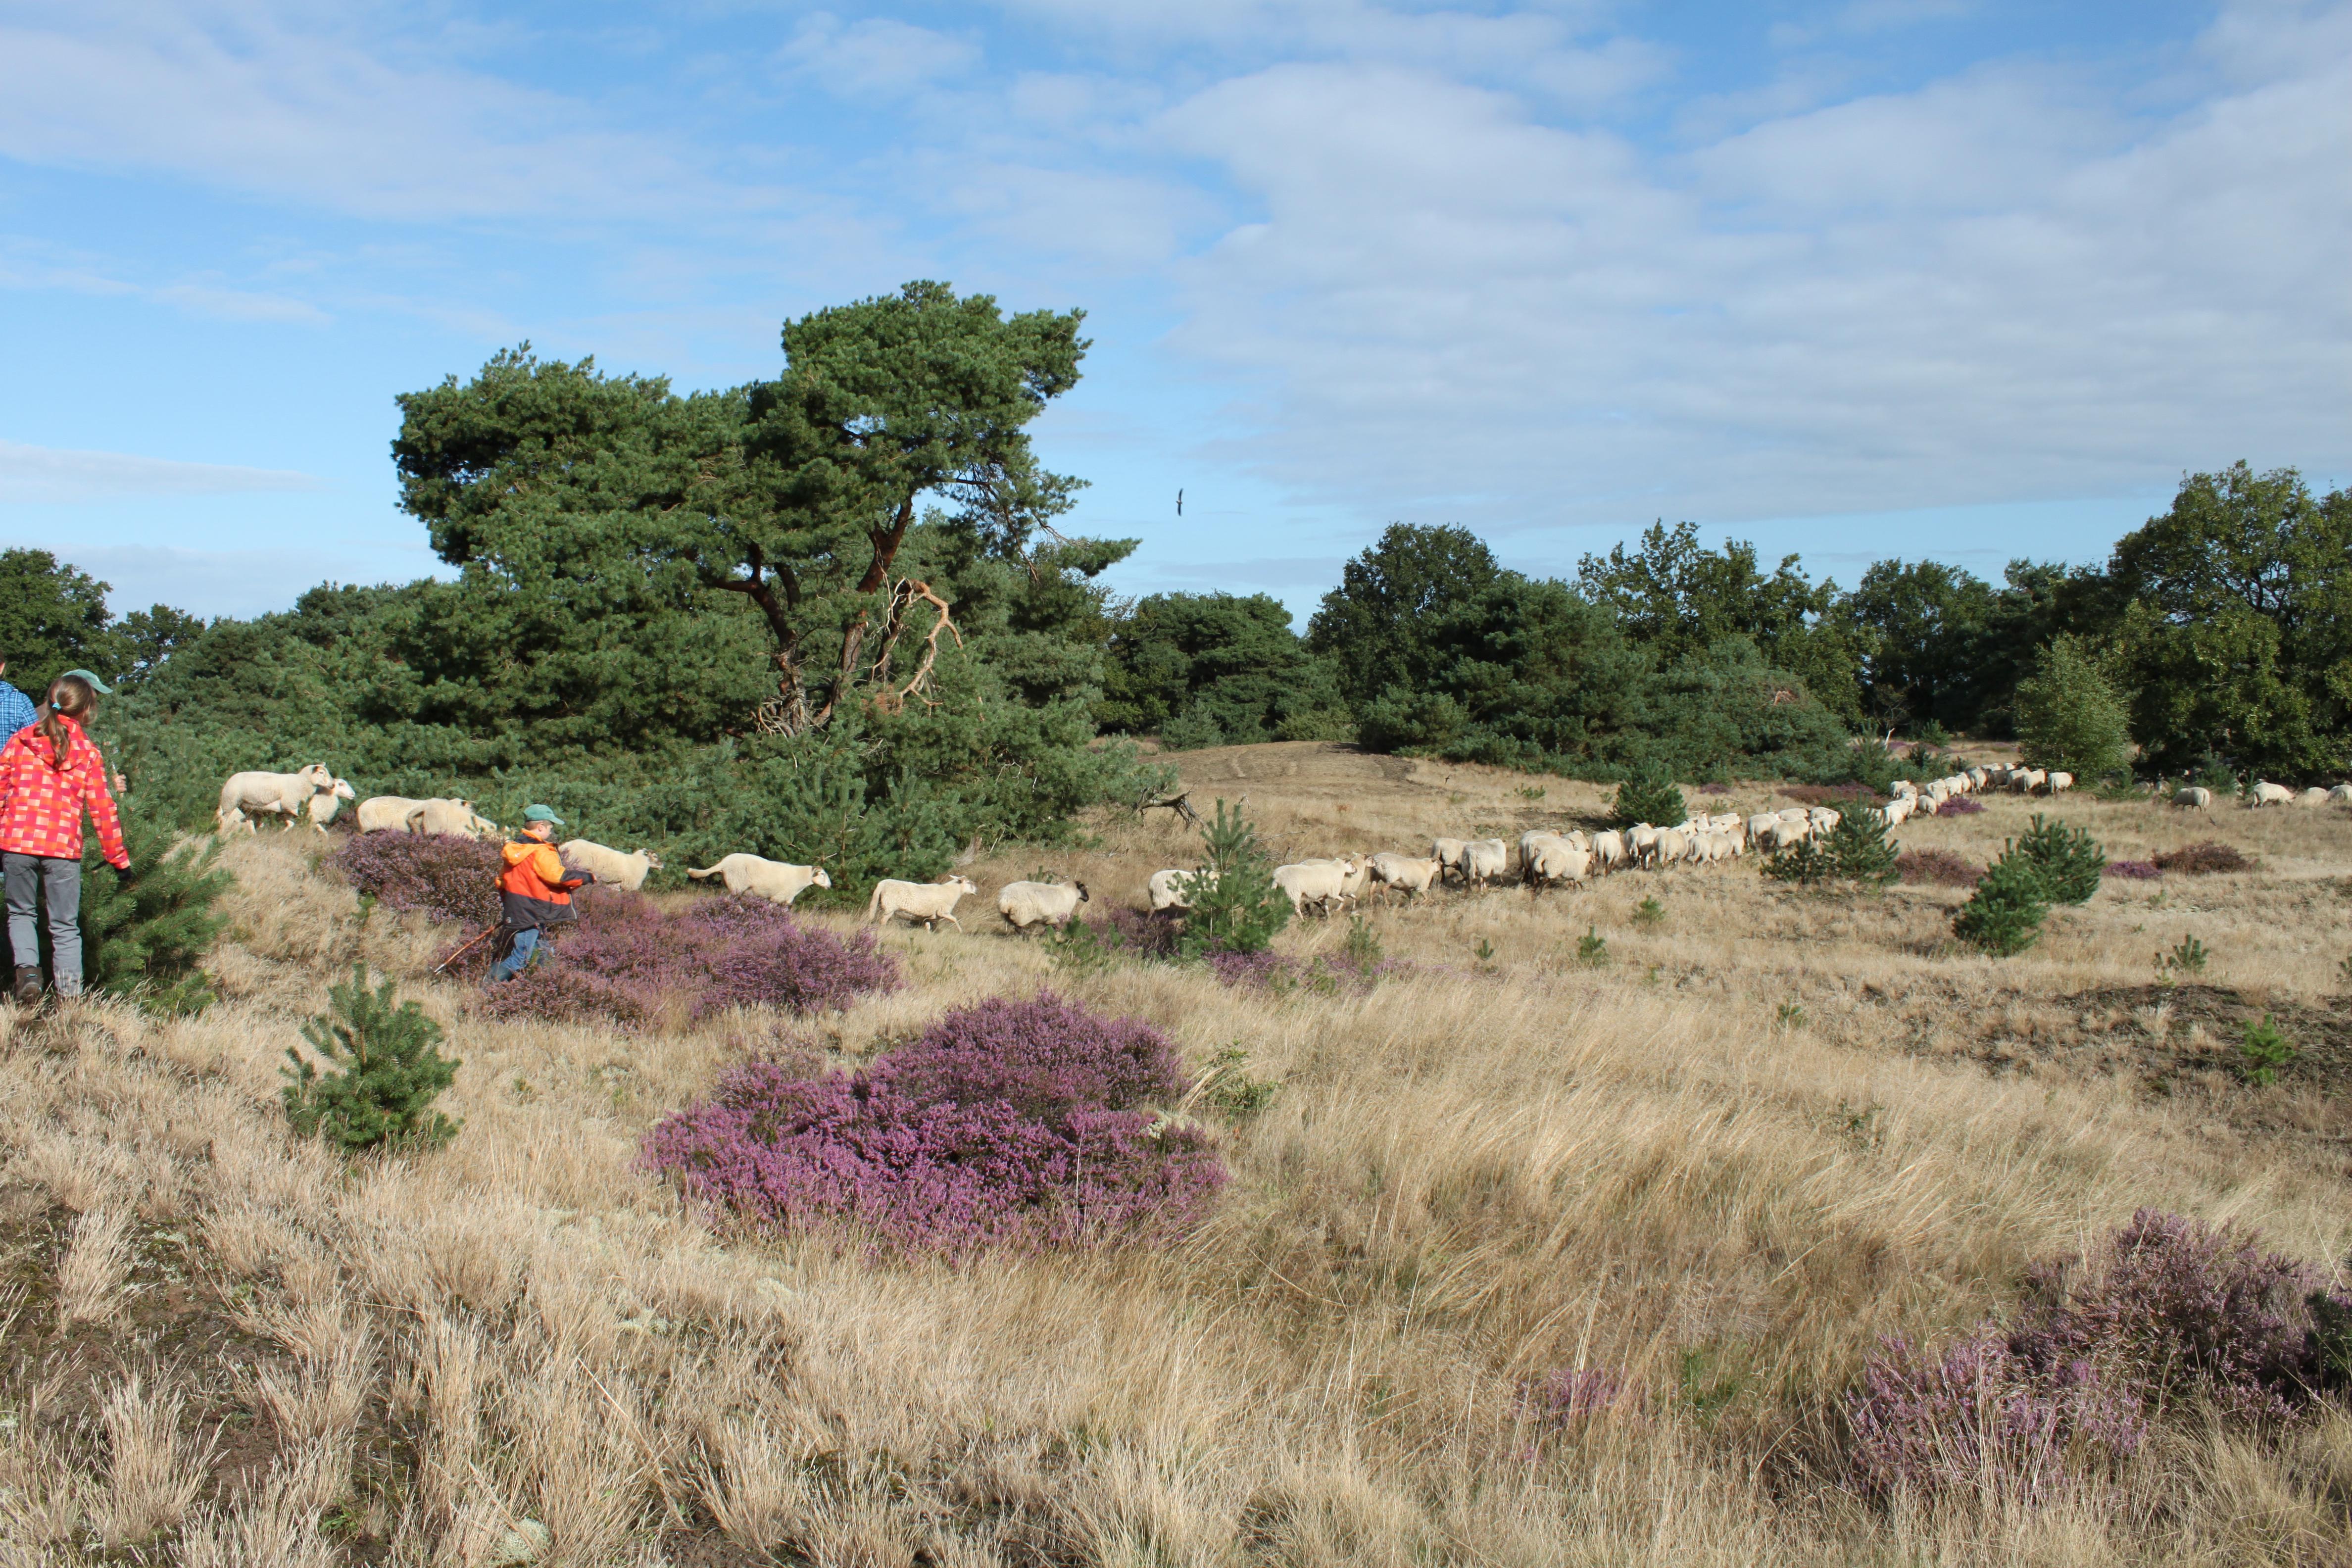 schapen volgen de herder2